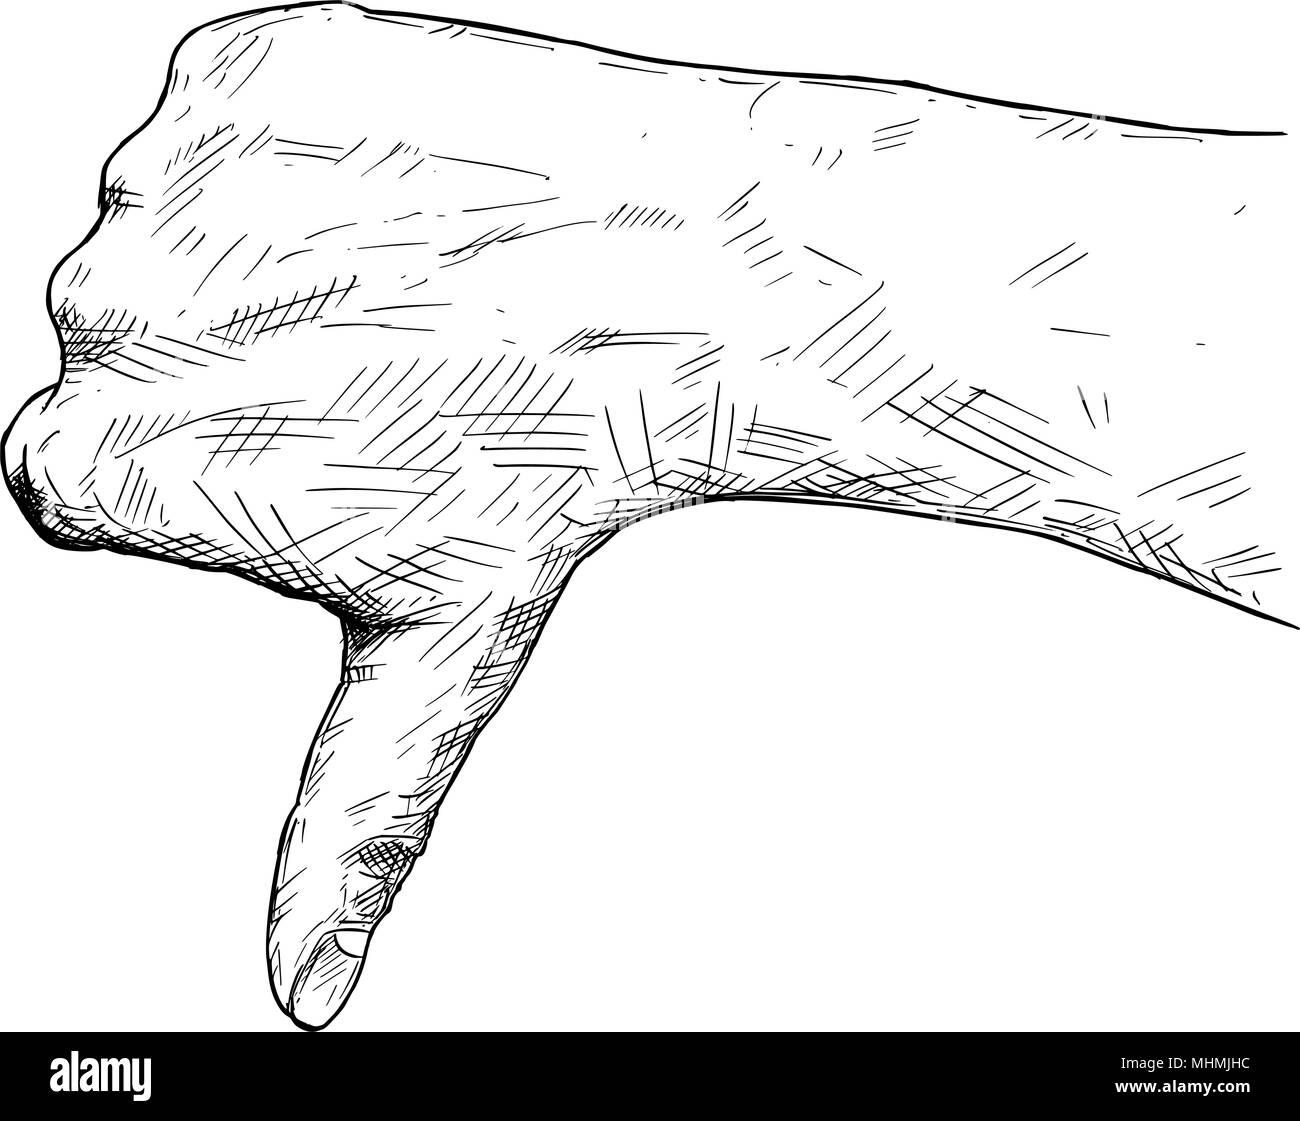 Vettore illustrazione artistica o disegno di pollice giù il gesto a mano Immagini Stock